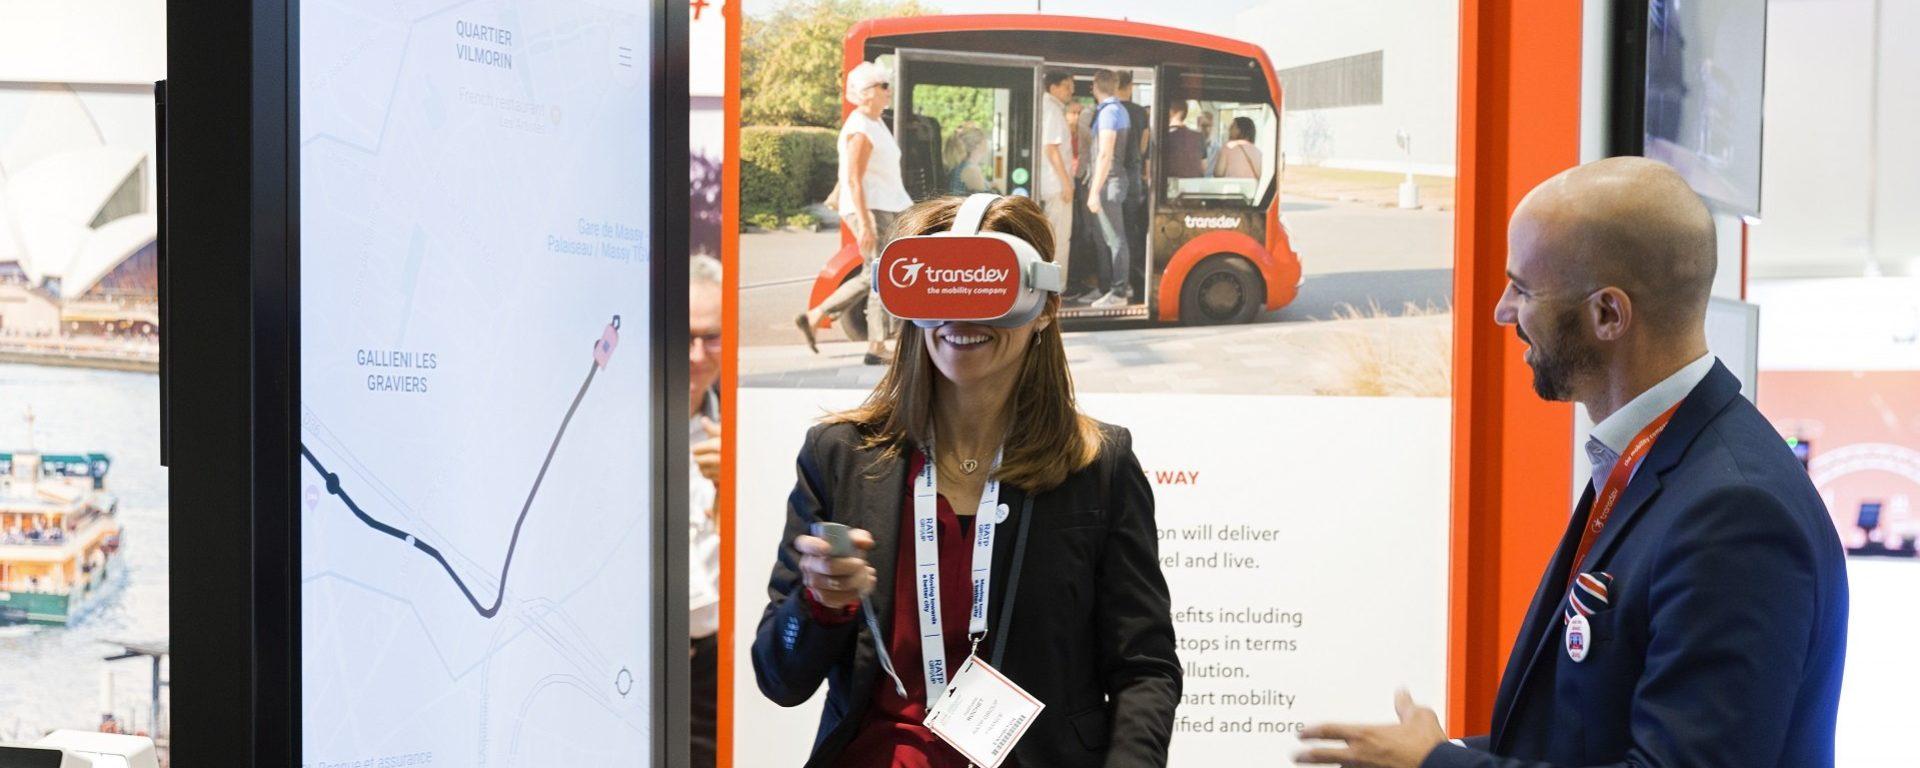 Transdev booth UITP 2019 Stockholm Stand salon animation casque réalité virtuelle mobilité